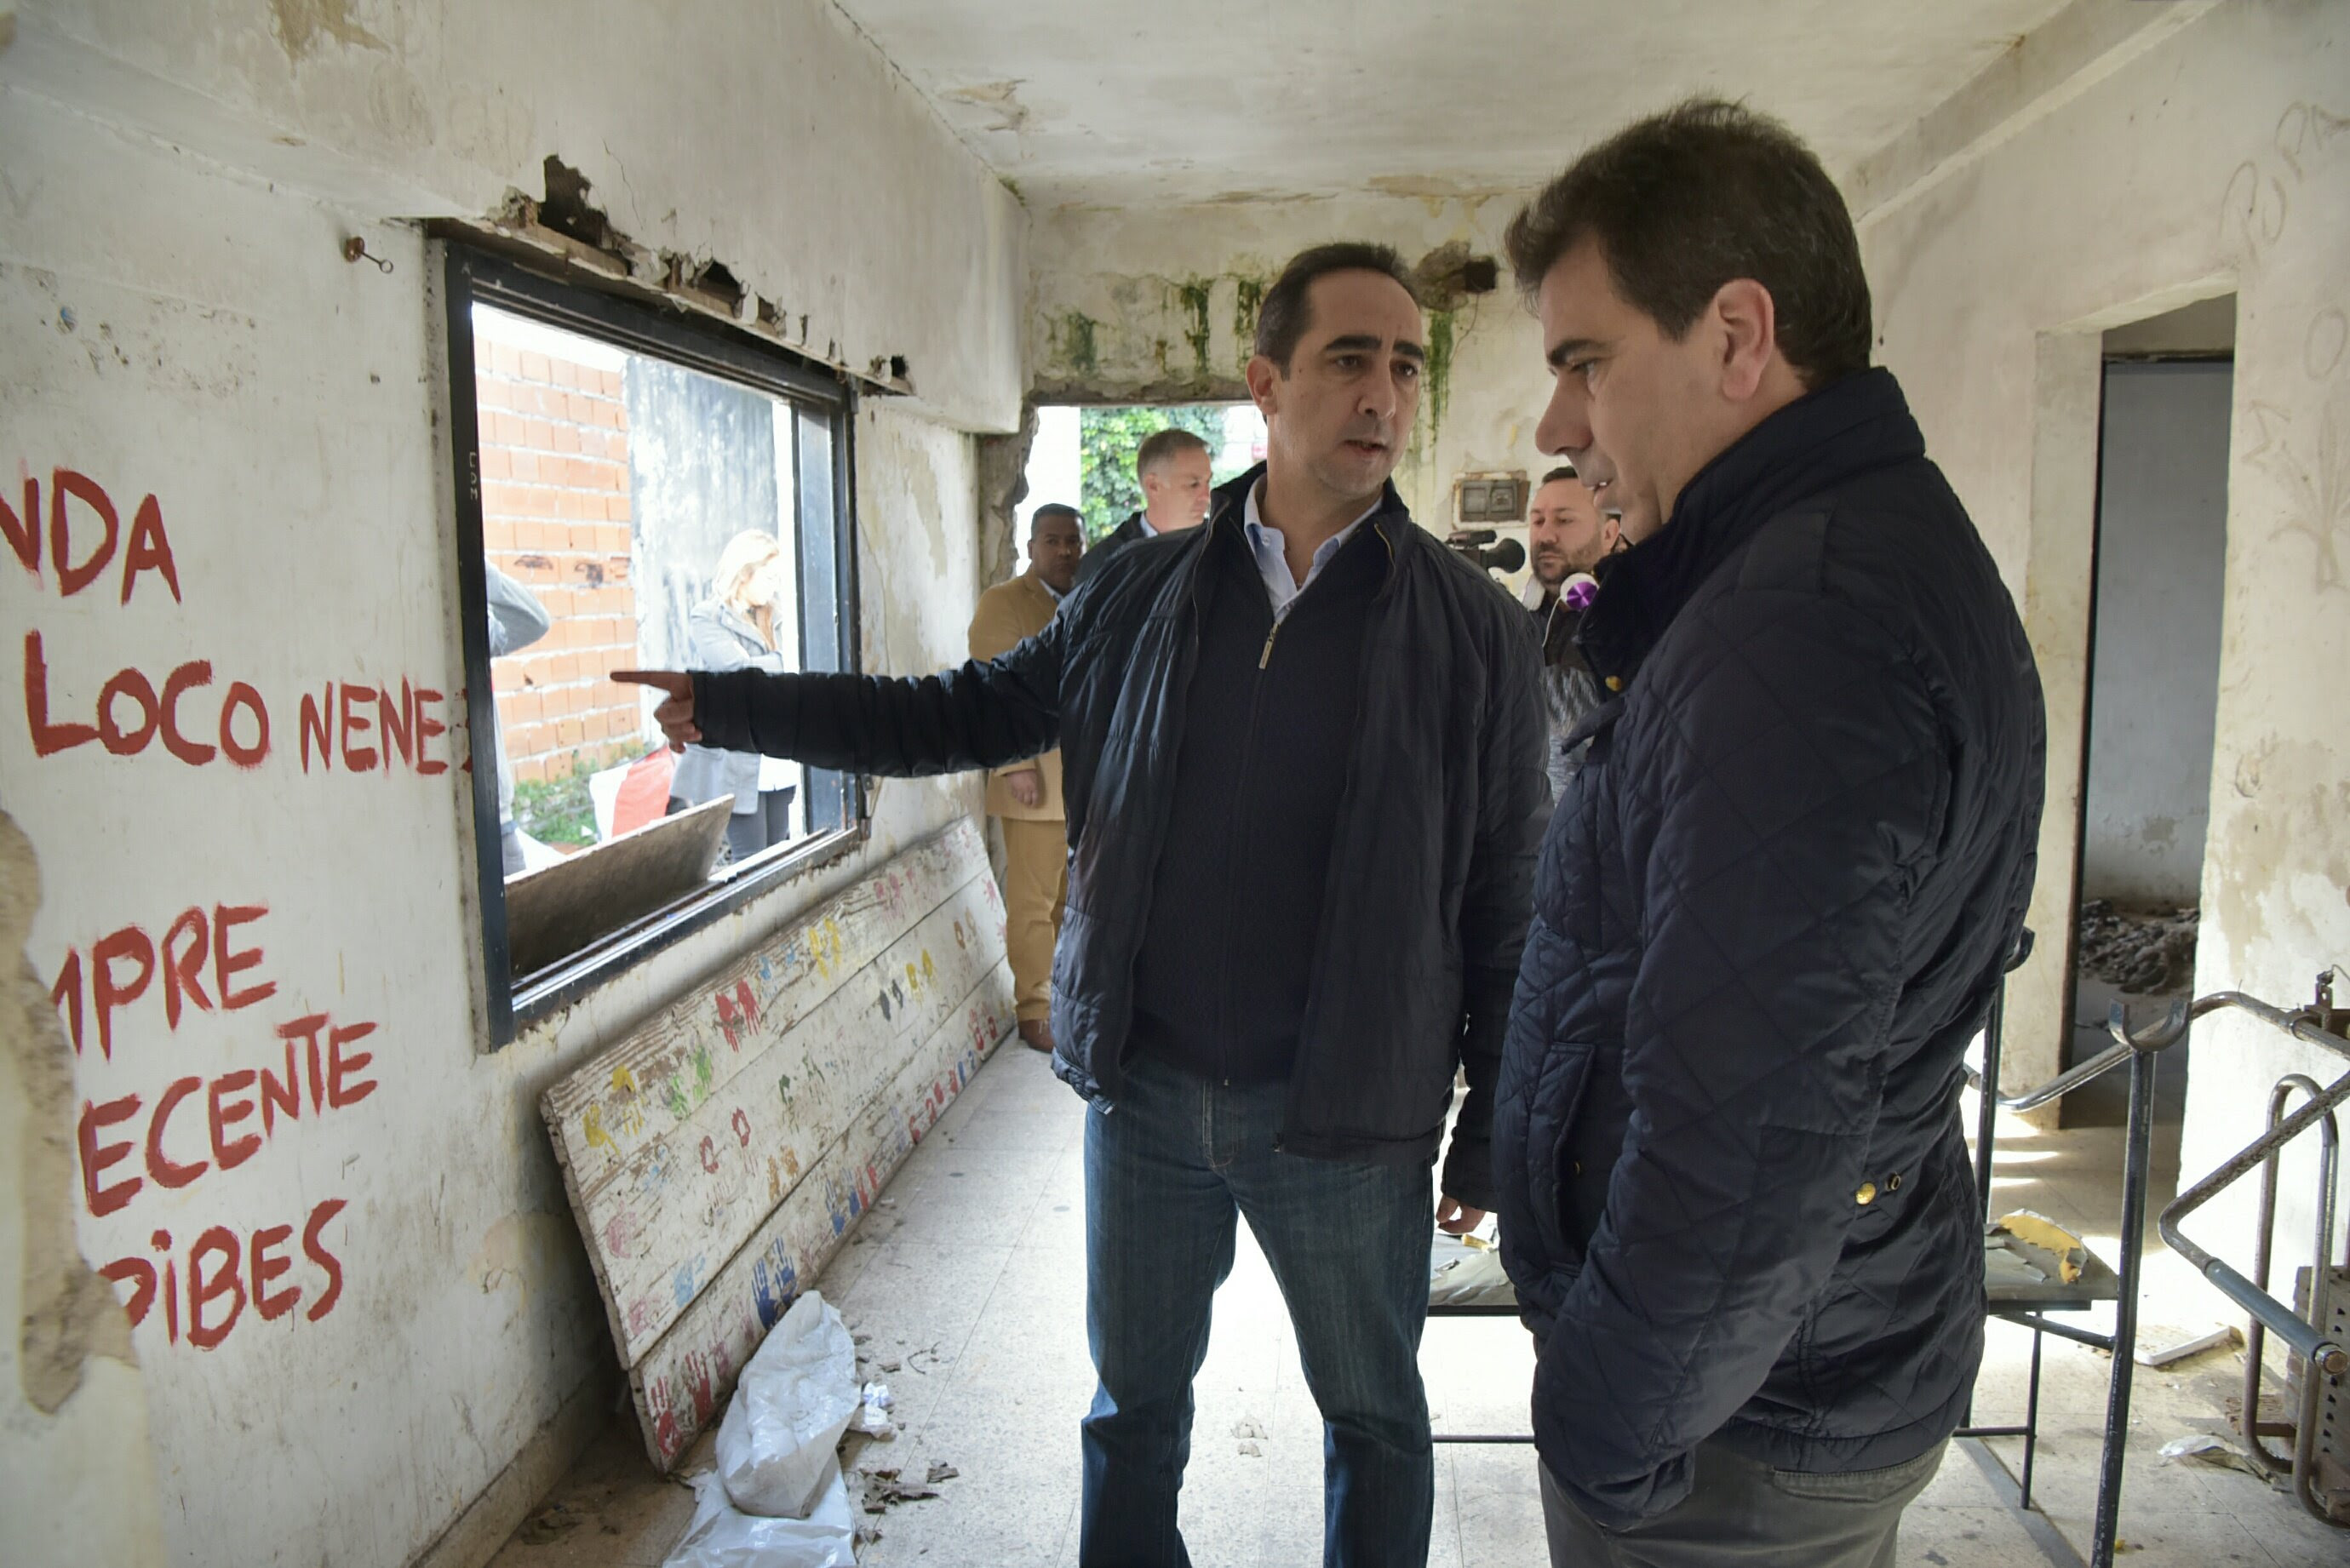 Ritondo y Tagliaferro demolieron un búnker de droga en Morón Sur